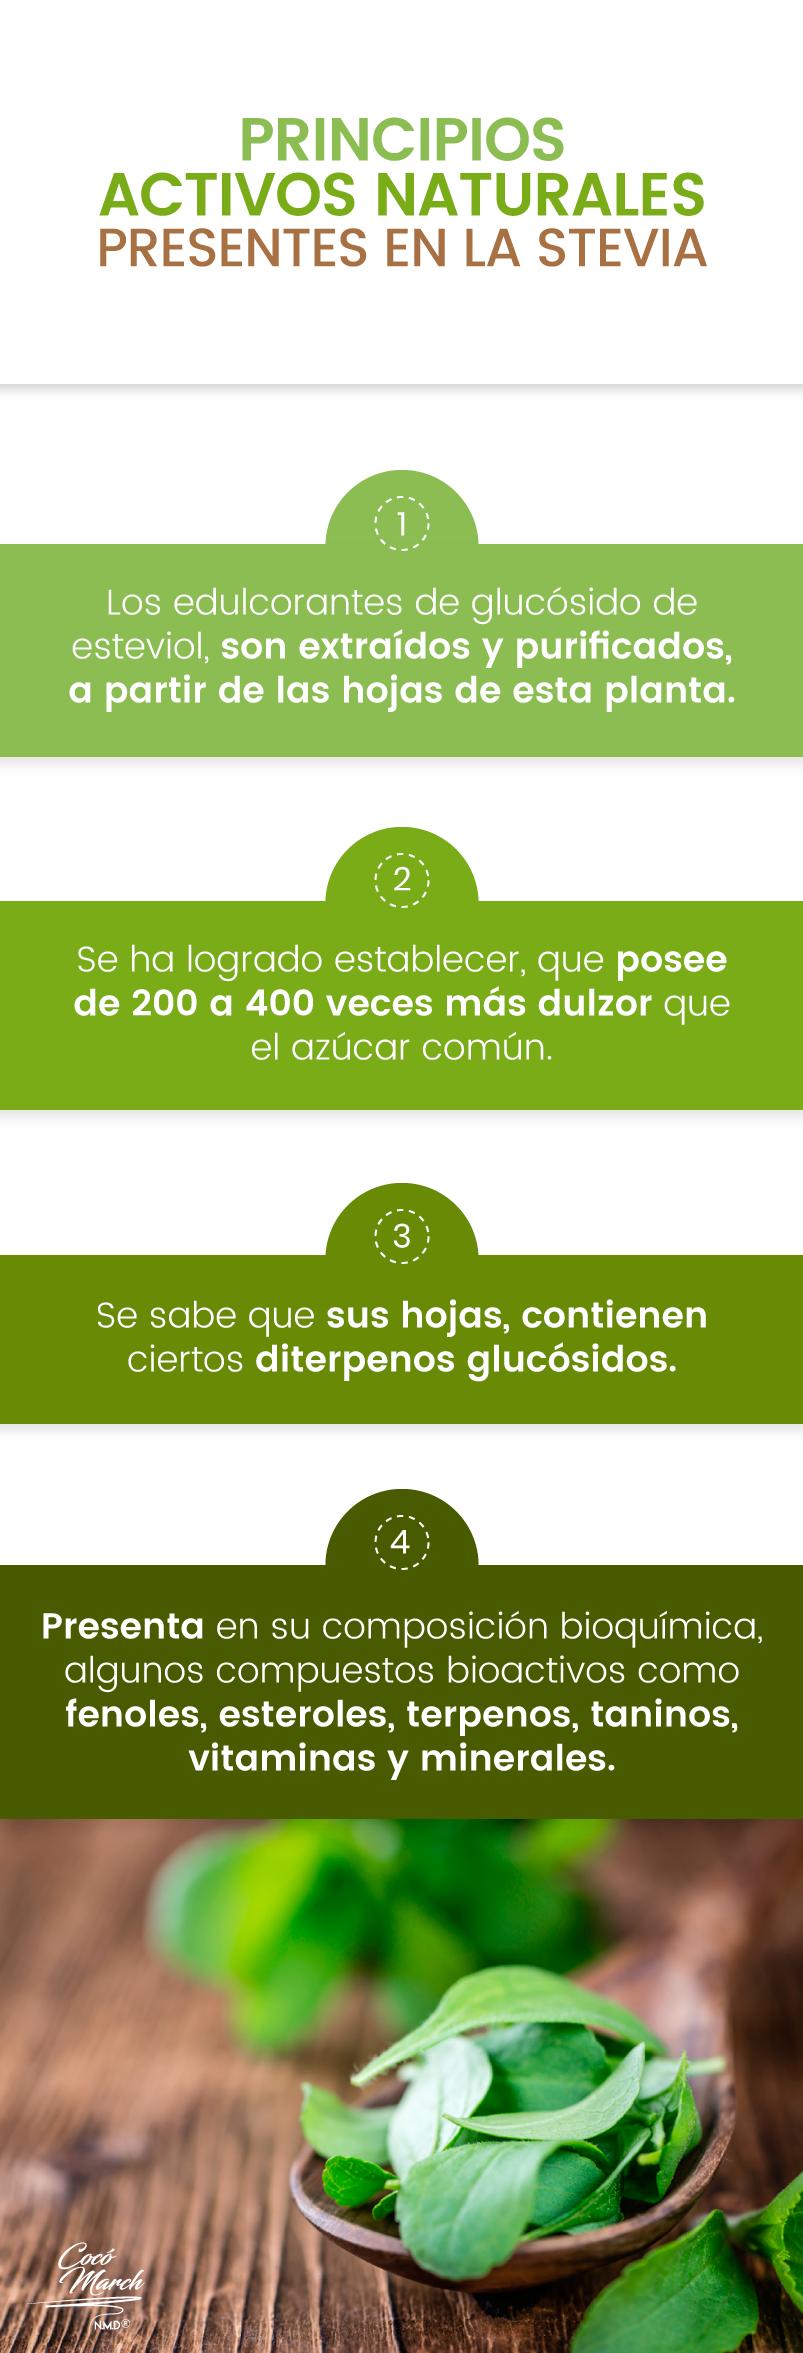 principios-activos-en-la-stevia